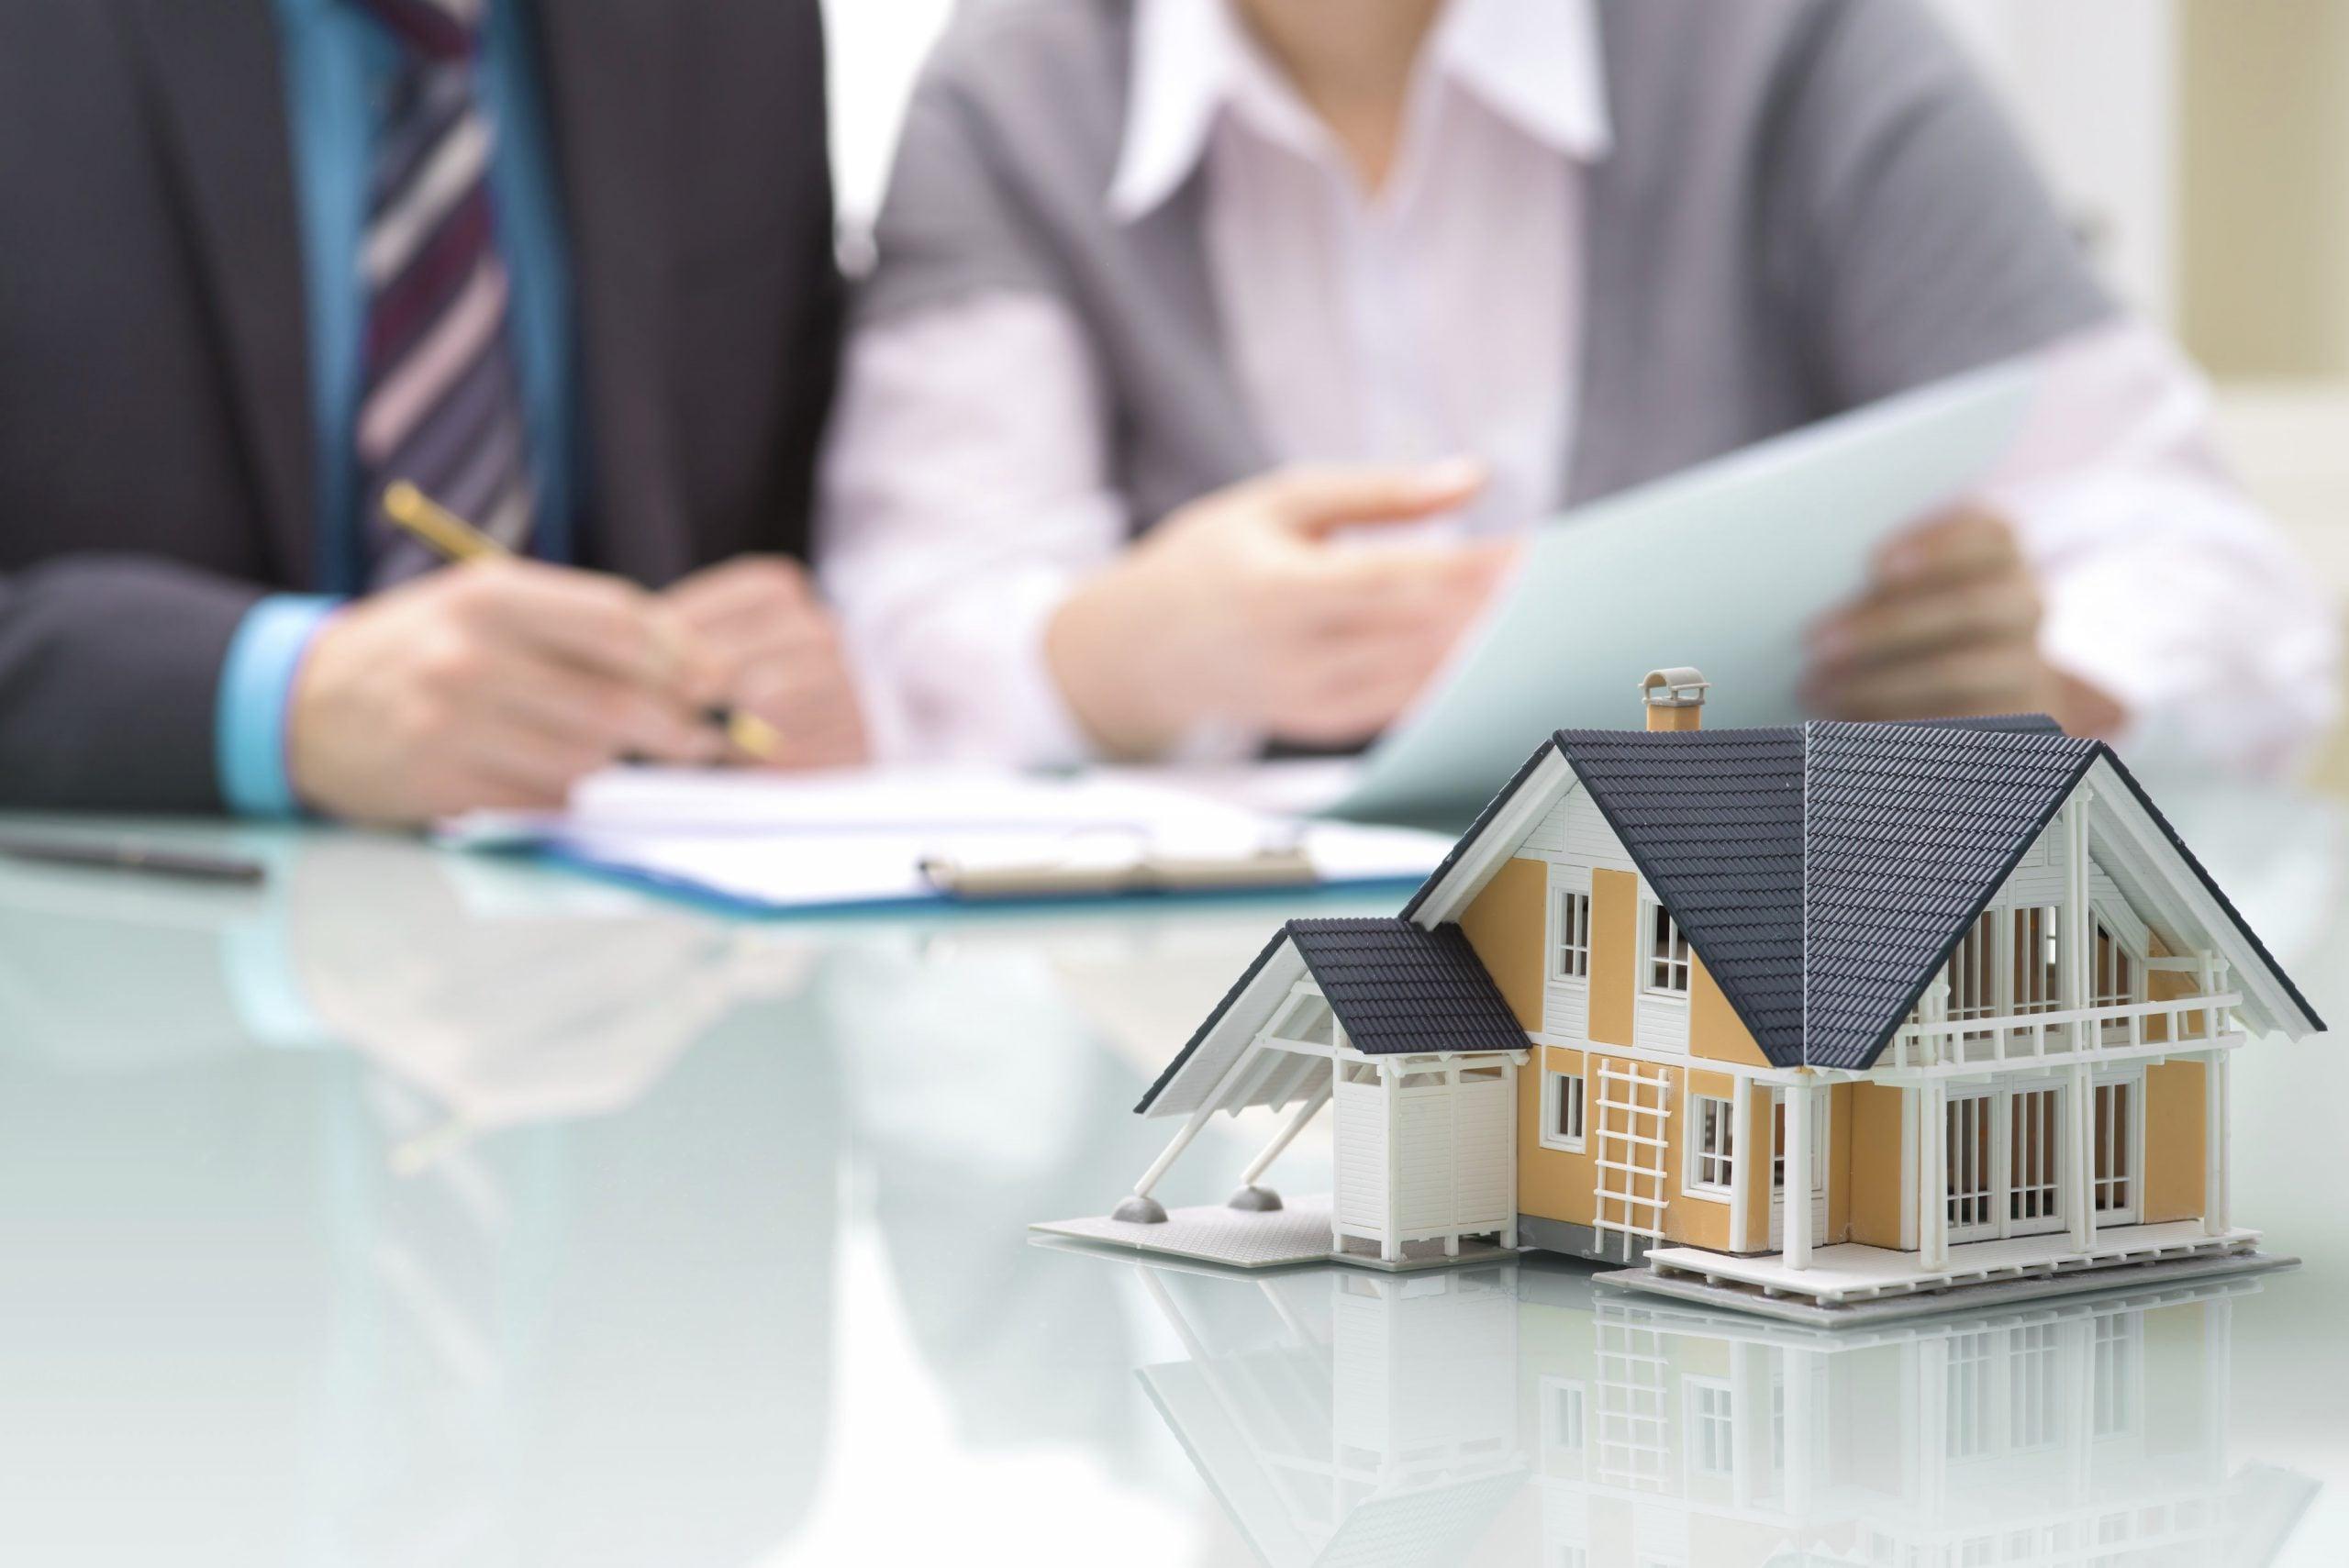 Heve boligkjøpet som selger